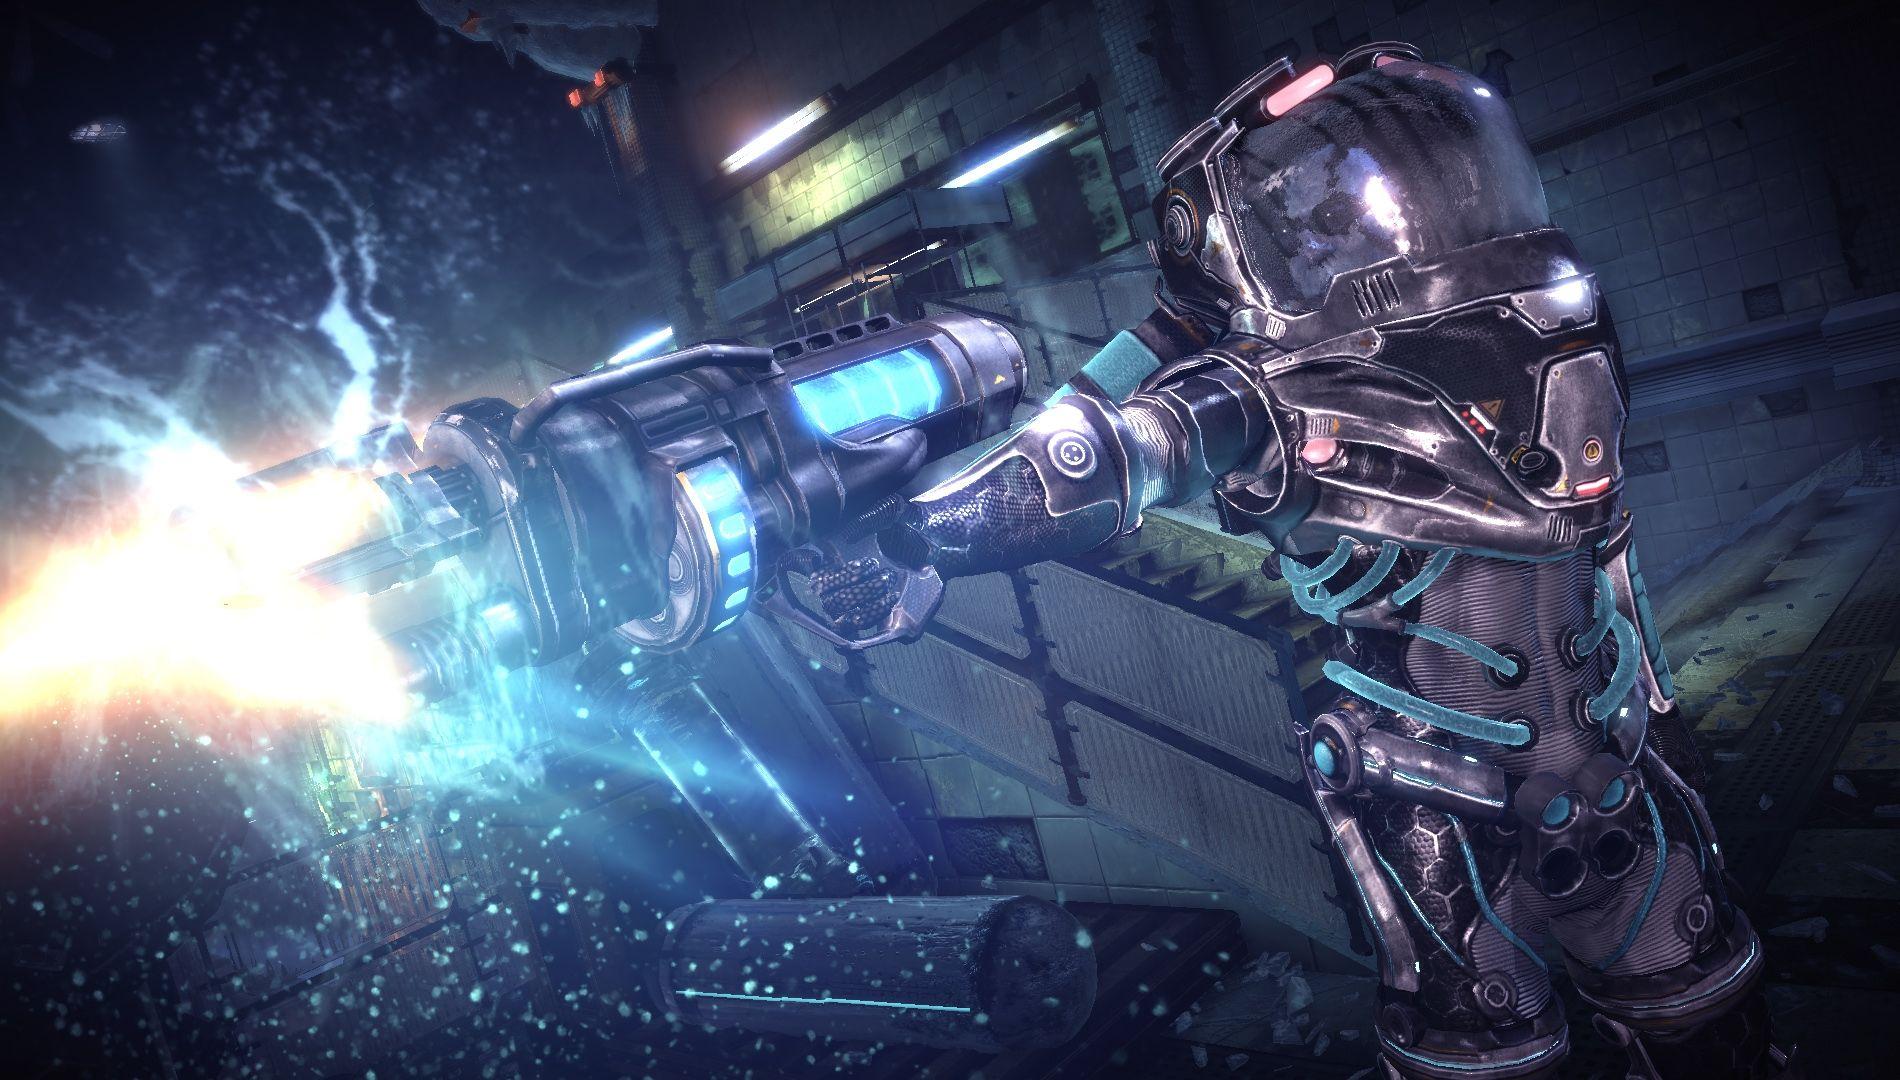 Batman: Arkham City – souboje, Mr. Freeze a příběh 49620